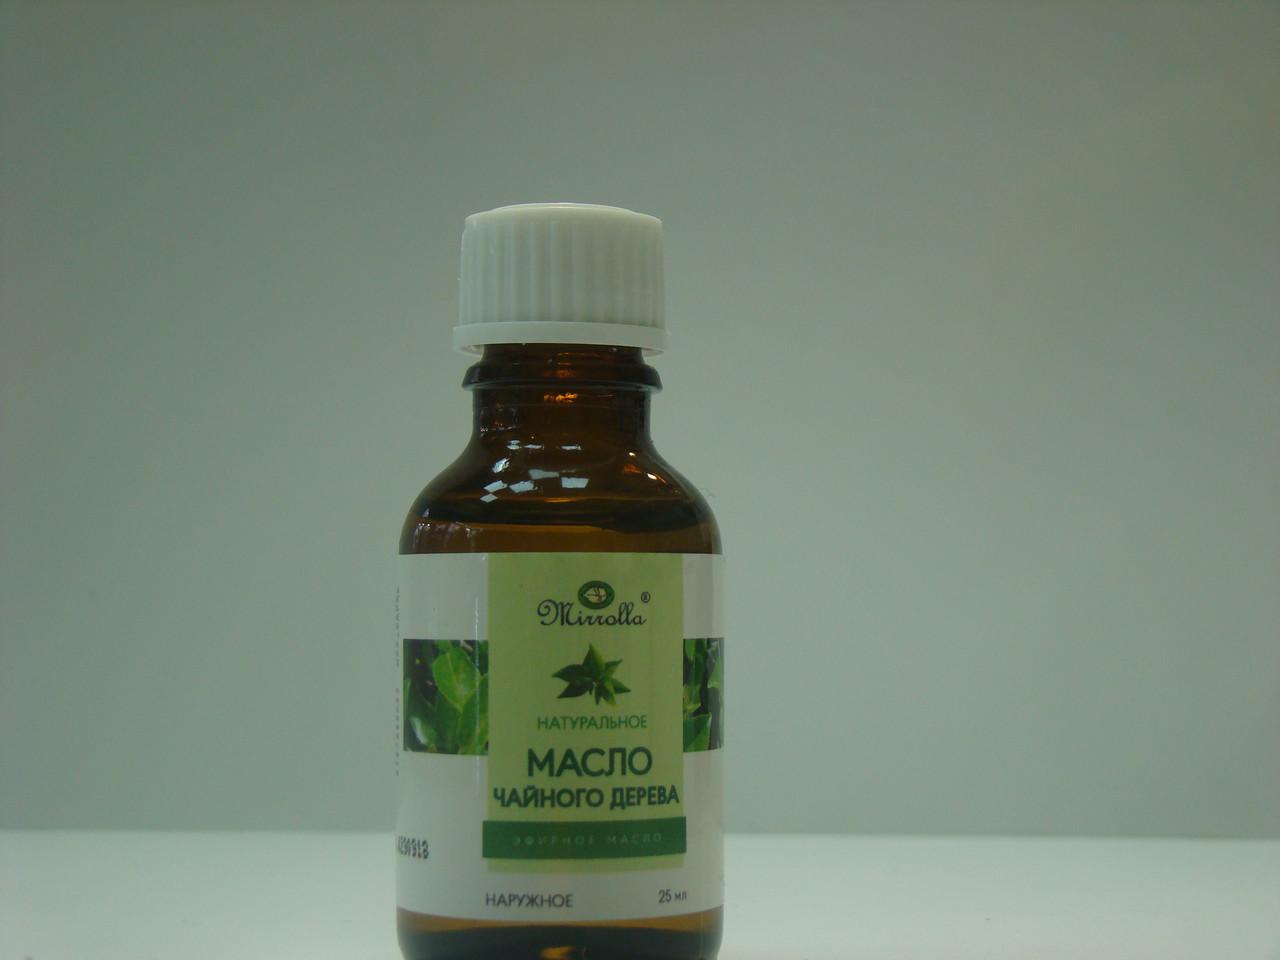 Эфирное масло чайного дерева Мирролла 25мл (4650001791139)